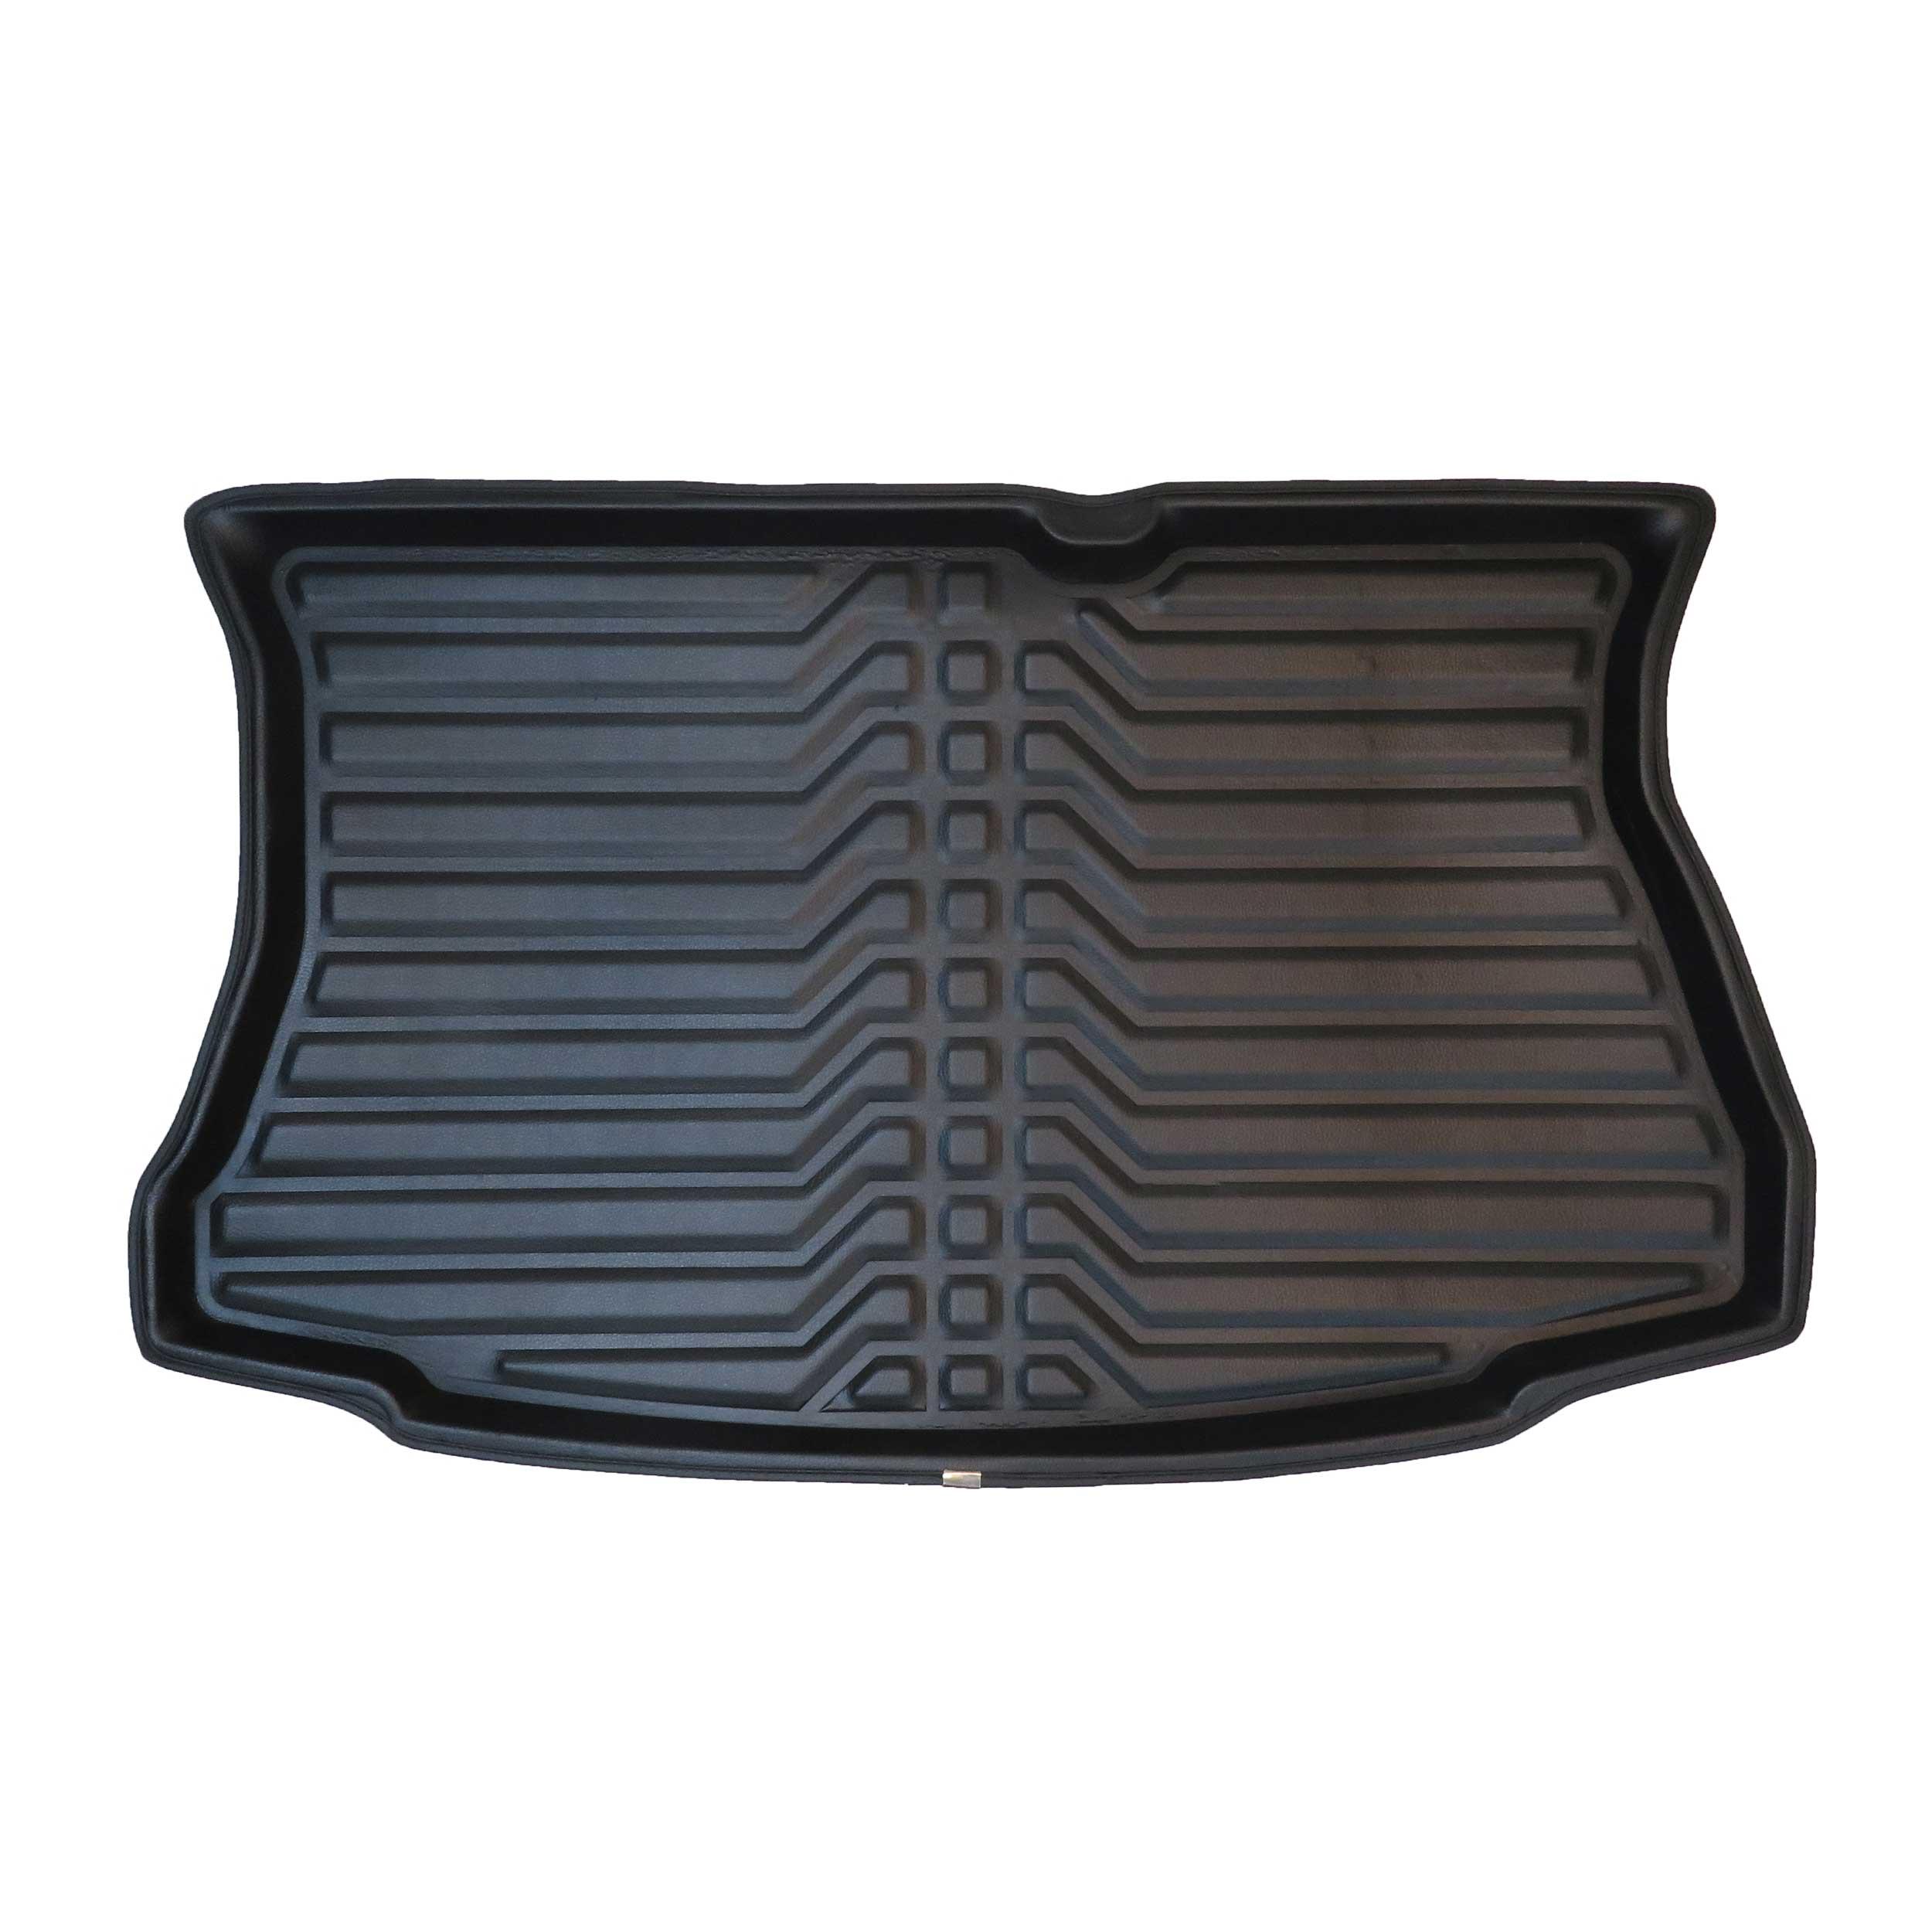 کفپوش سه بعدی صندوق خودرو مدل BOT 01 مناسب برای تیبا 2